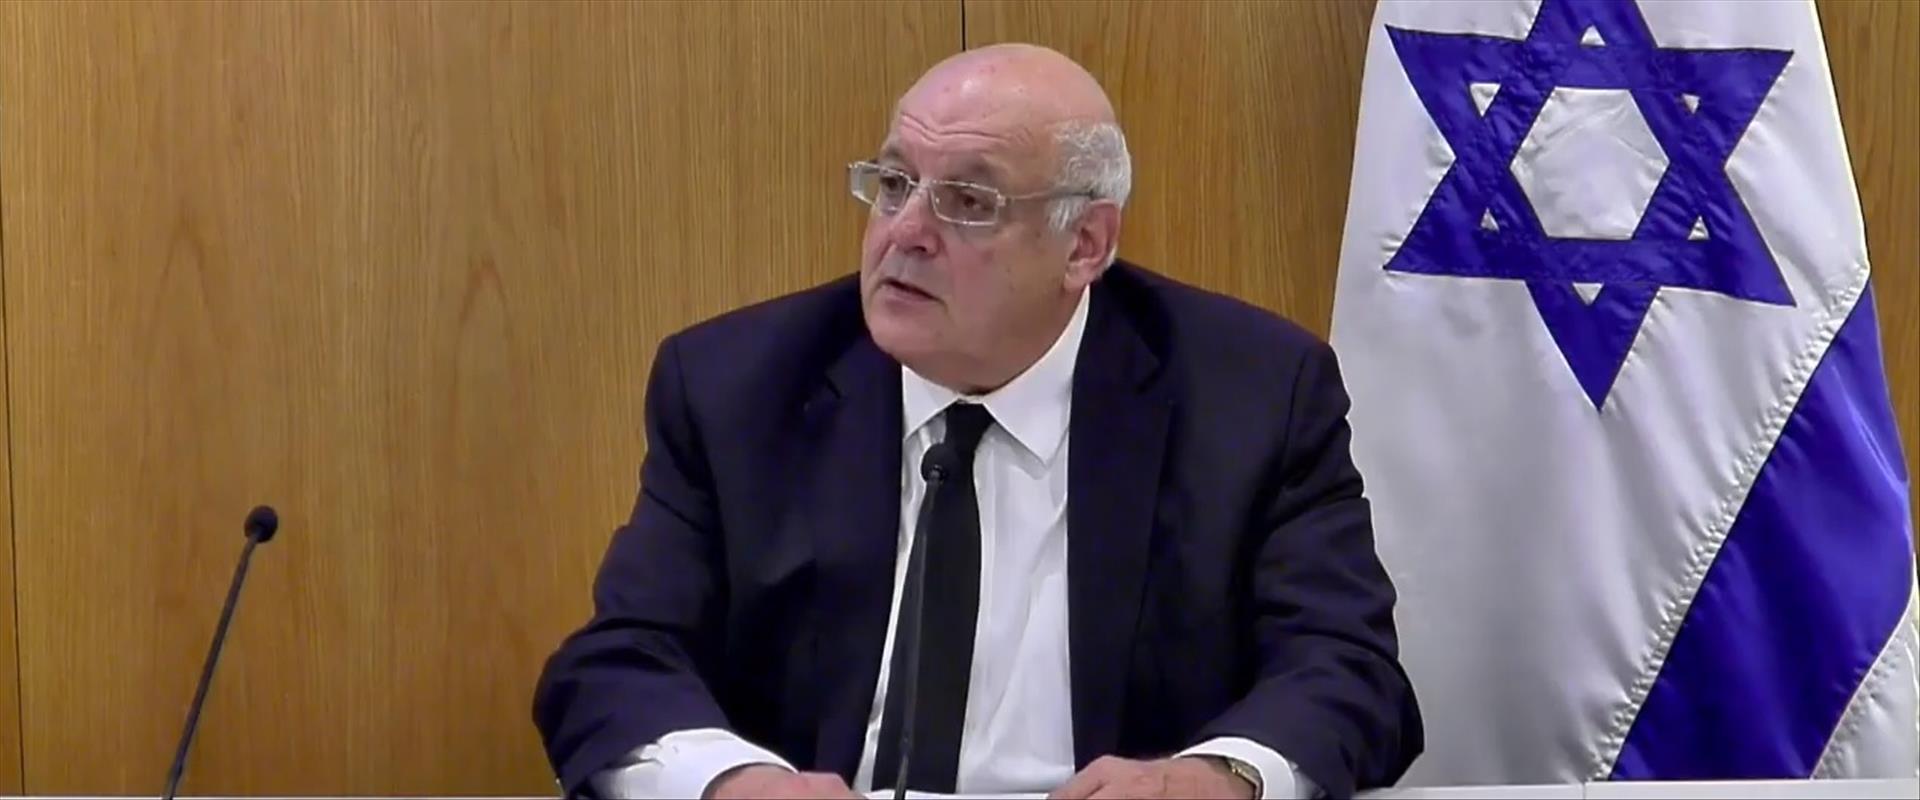 """יו""""ר ועדת הבחירות המרכזית השופט חנן מלצר"""